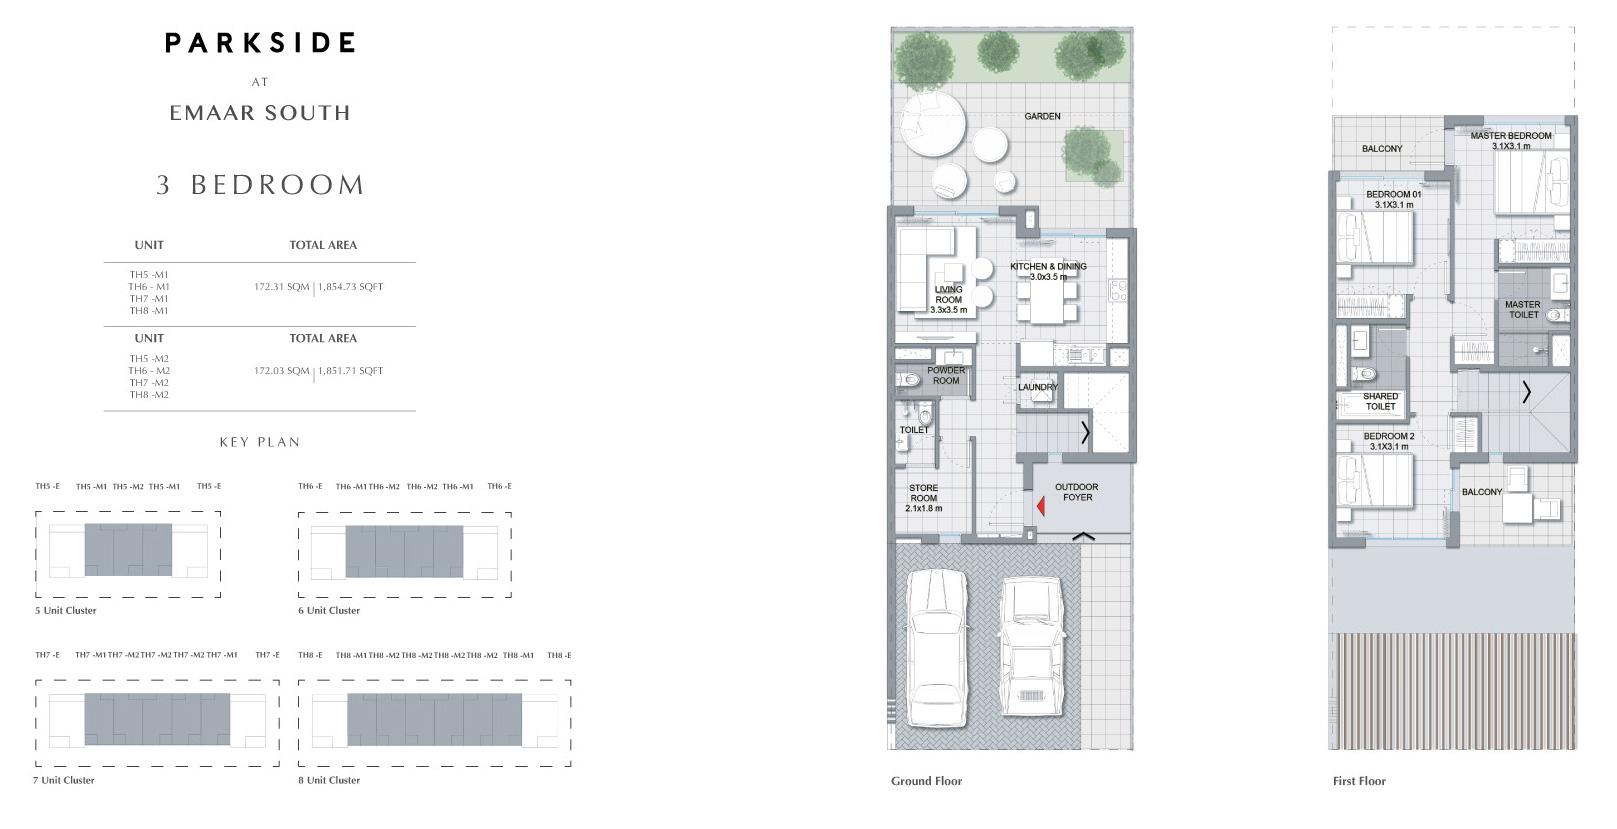 3 غرف نوم 1،851.71 - 1،854.73 قدم مربع